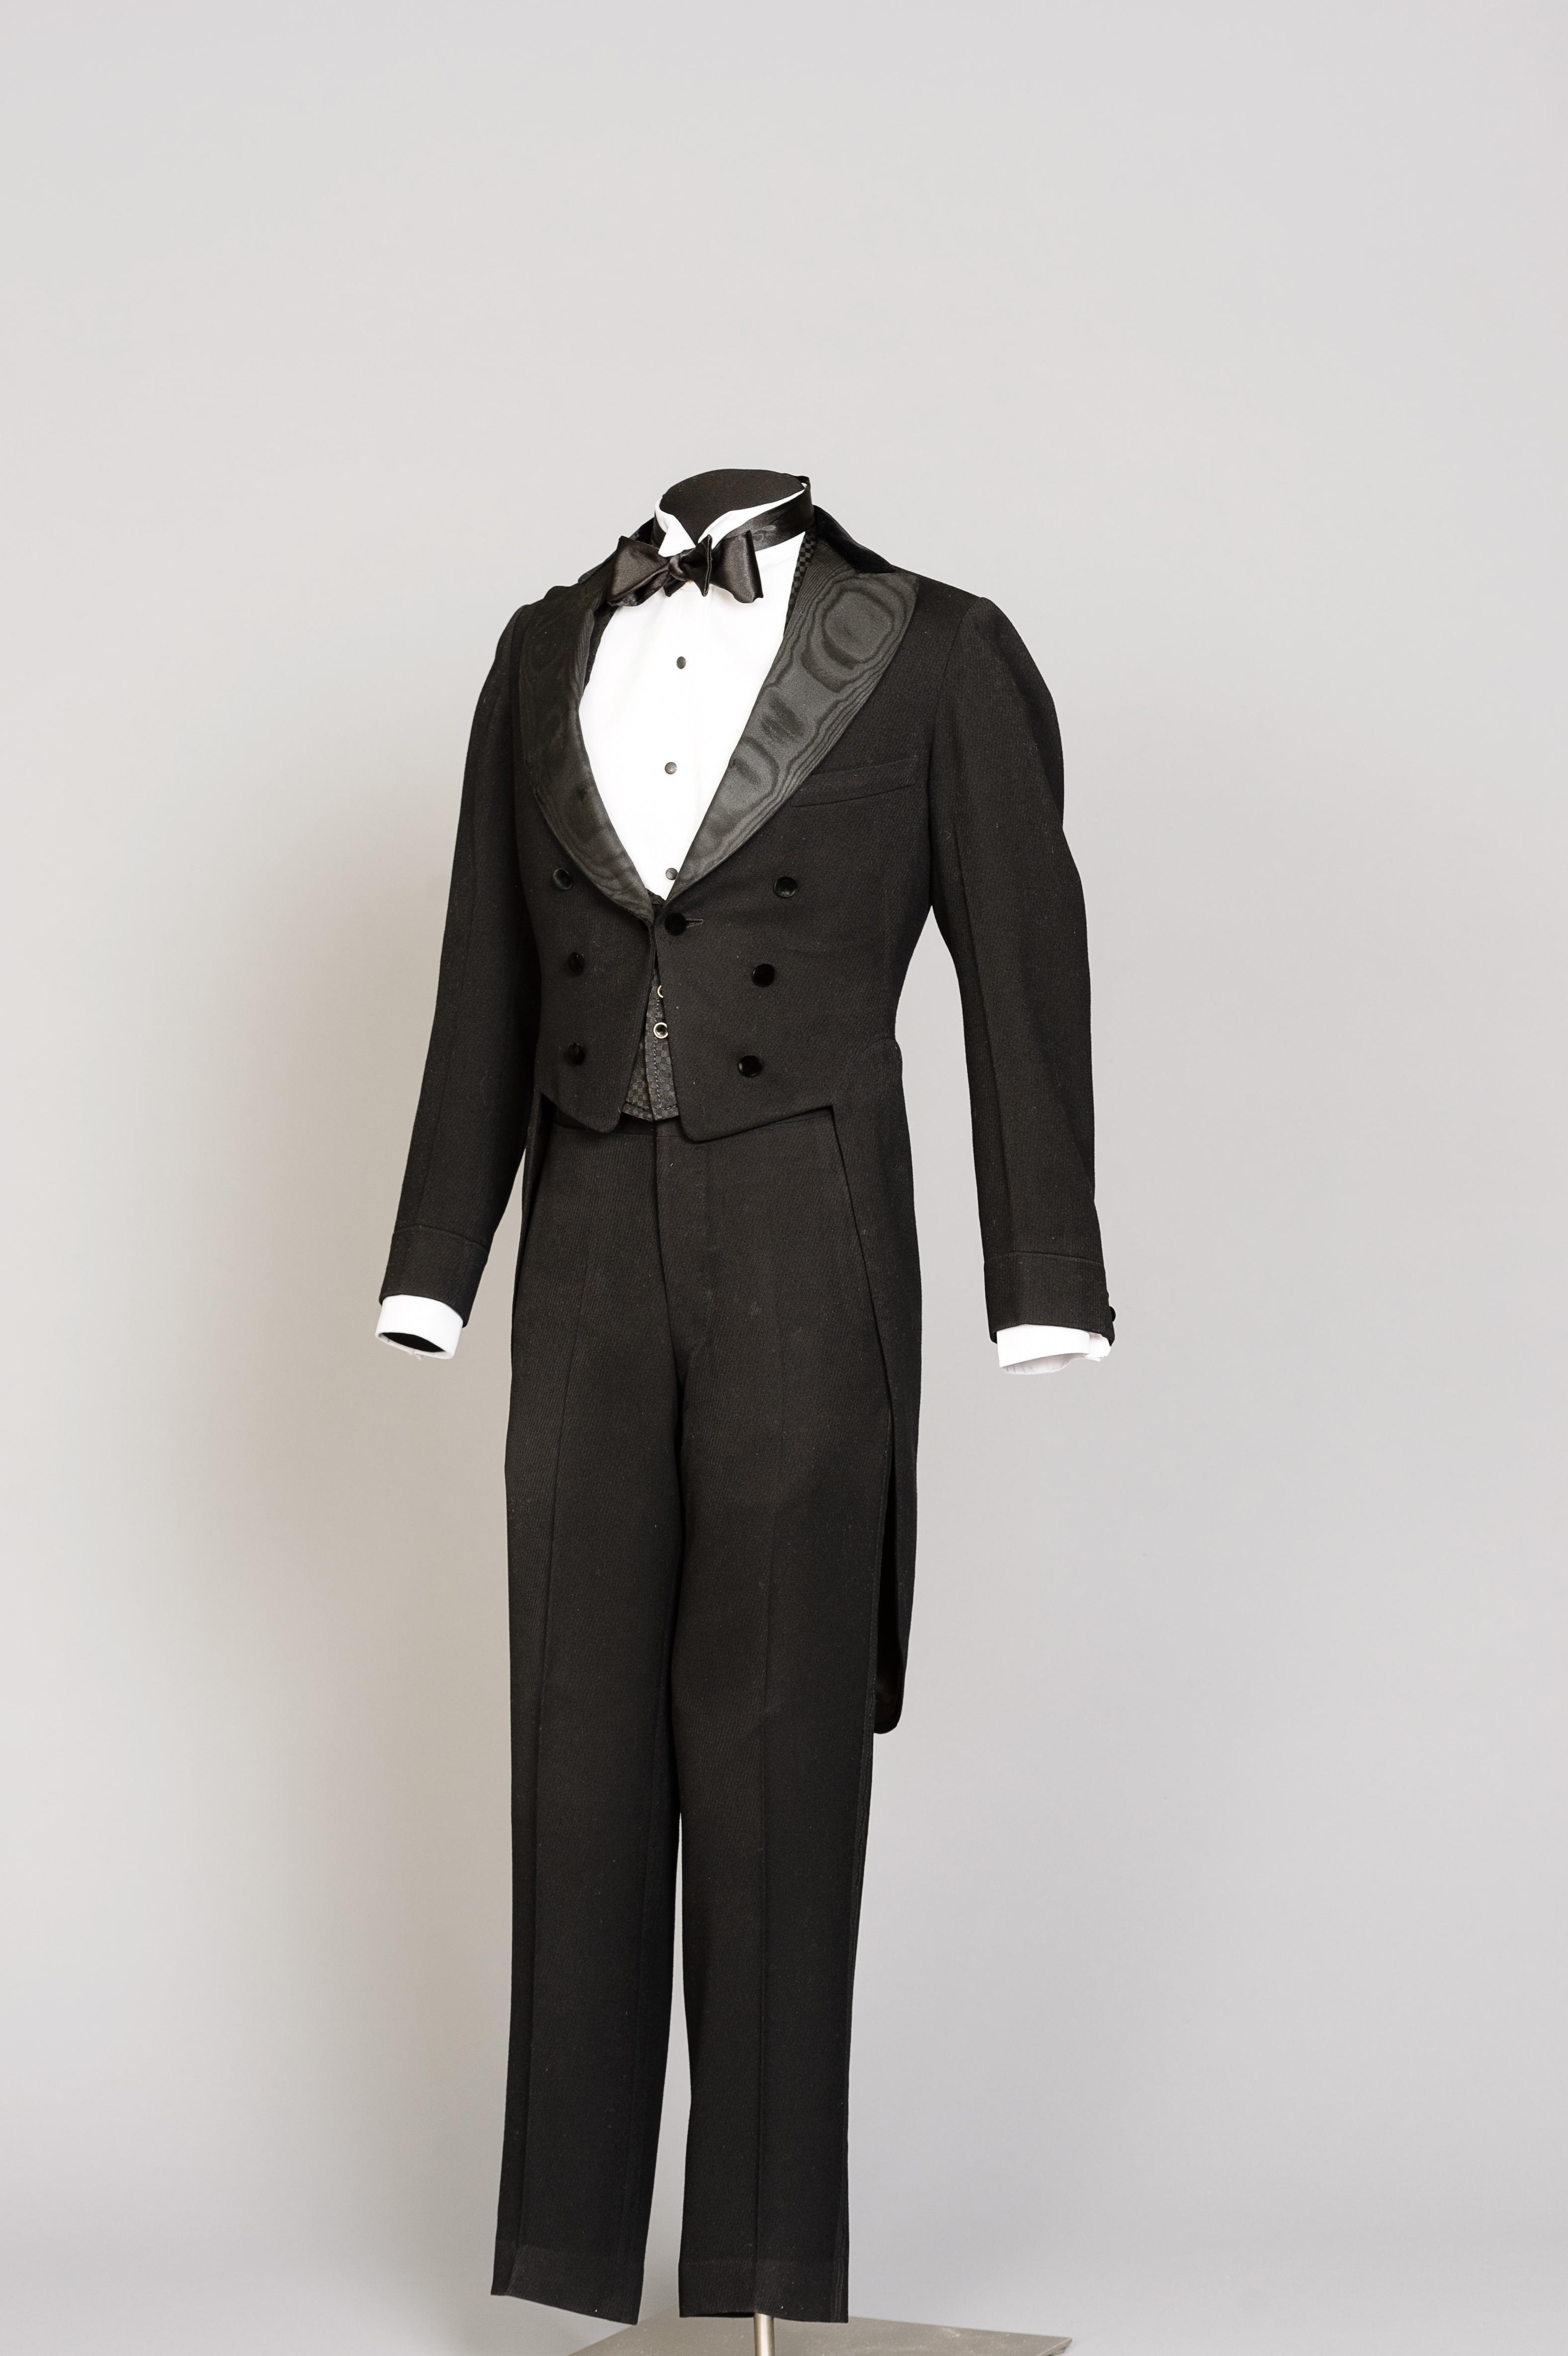 Fashion and Satire: Tuxedo